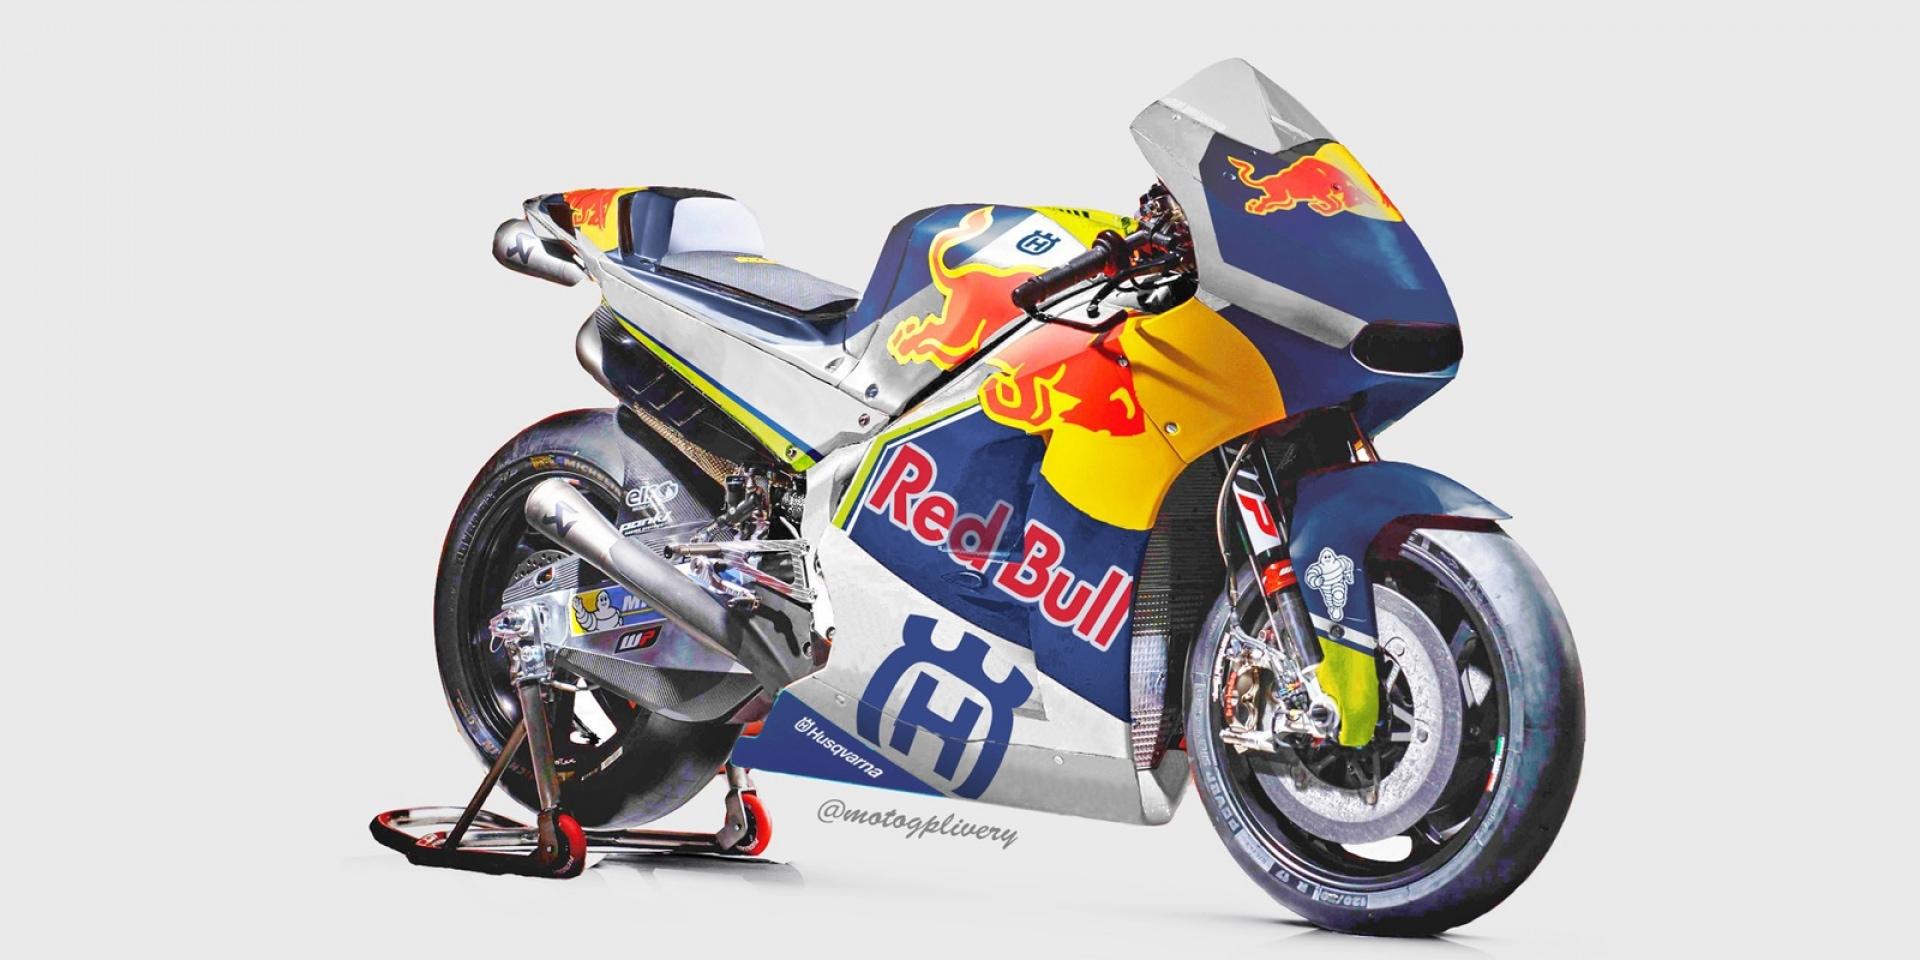 母集團策略調整,Husqvarna未來有望重返MotoGP賽場!